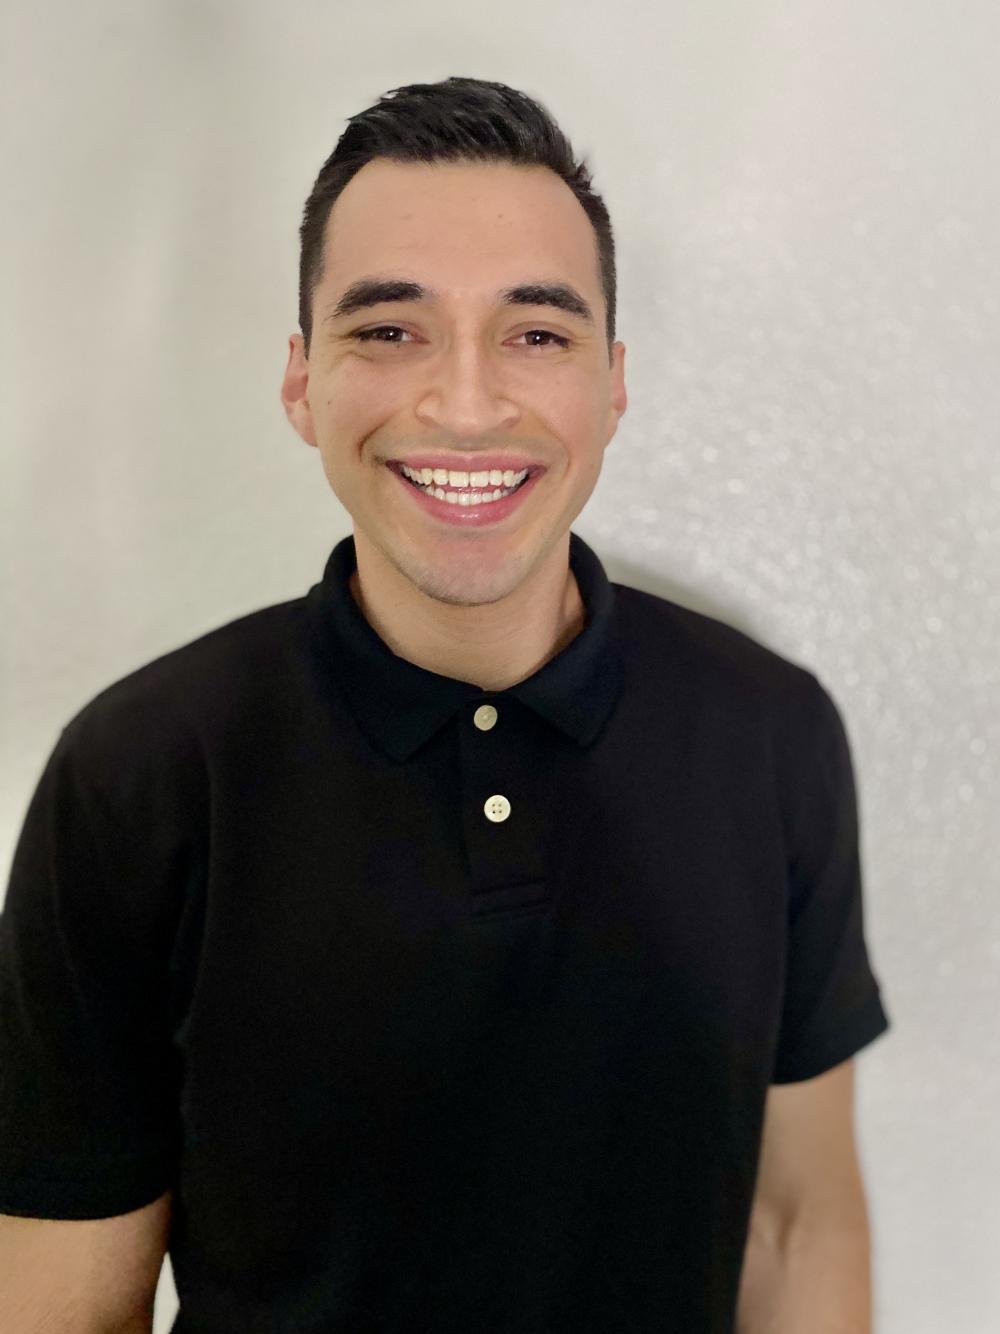 Dennis Ocampo